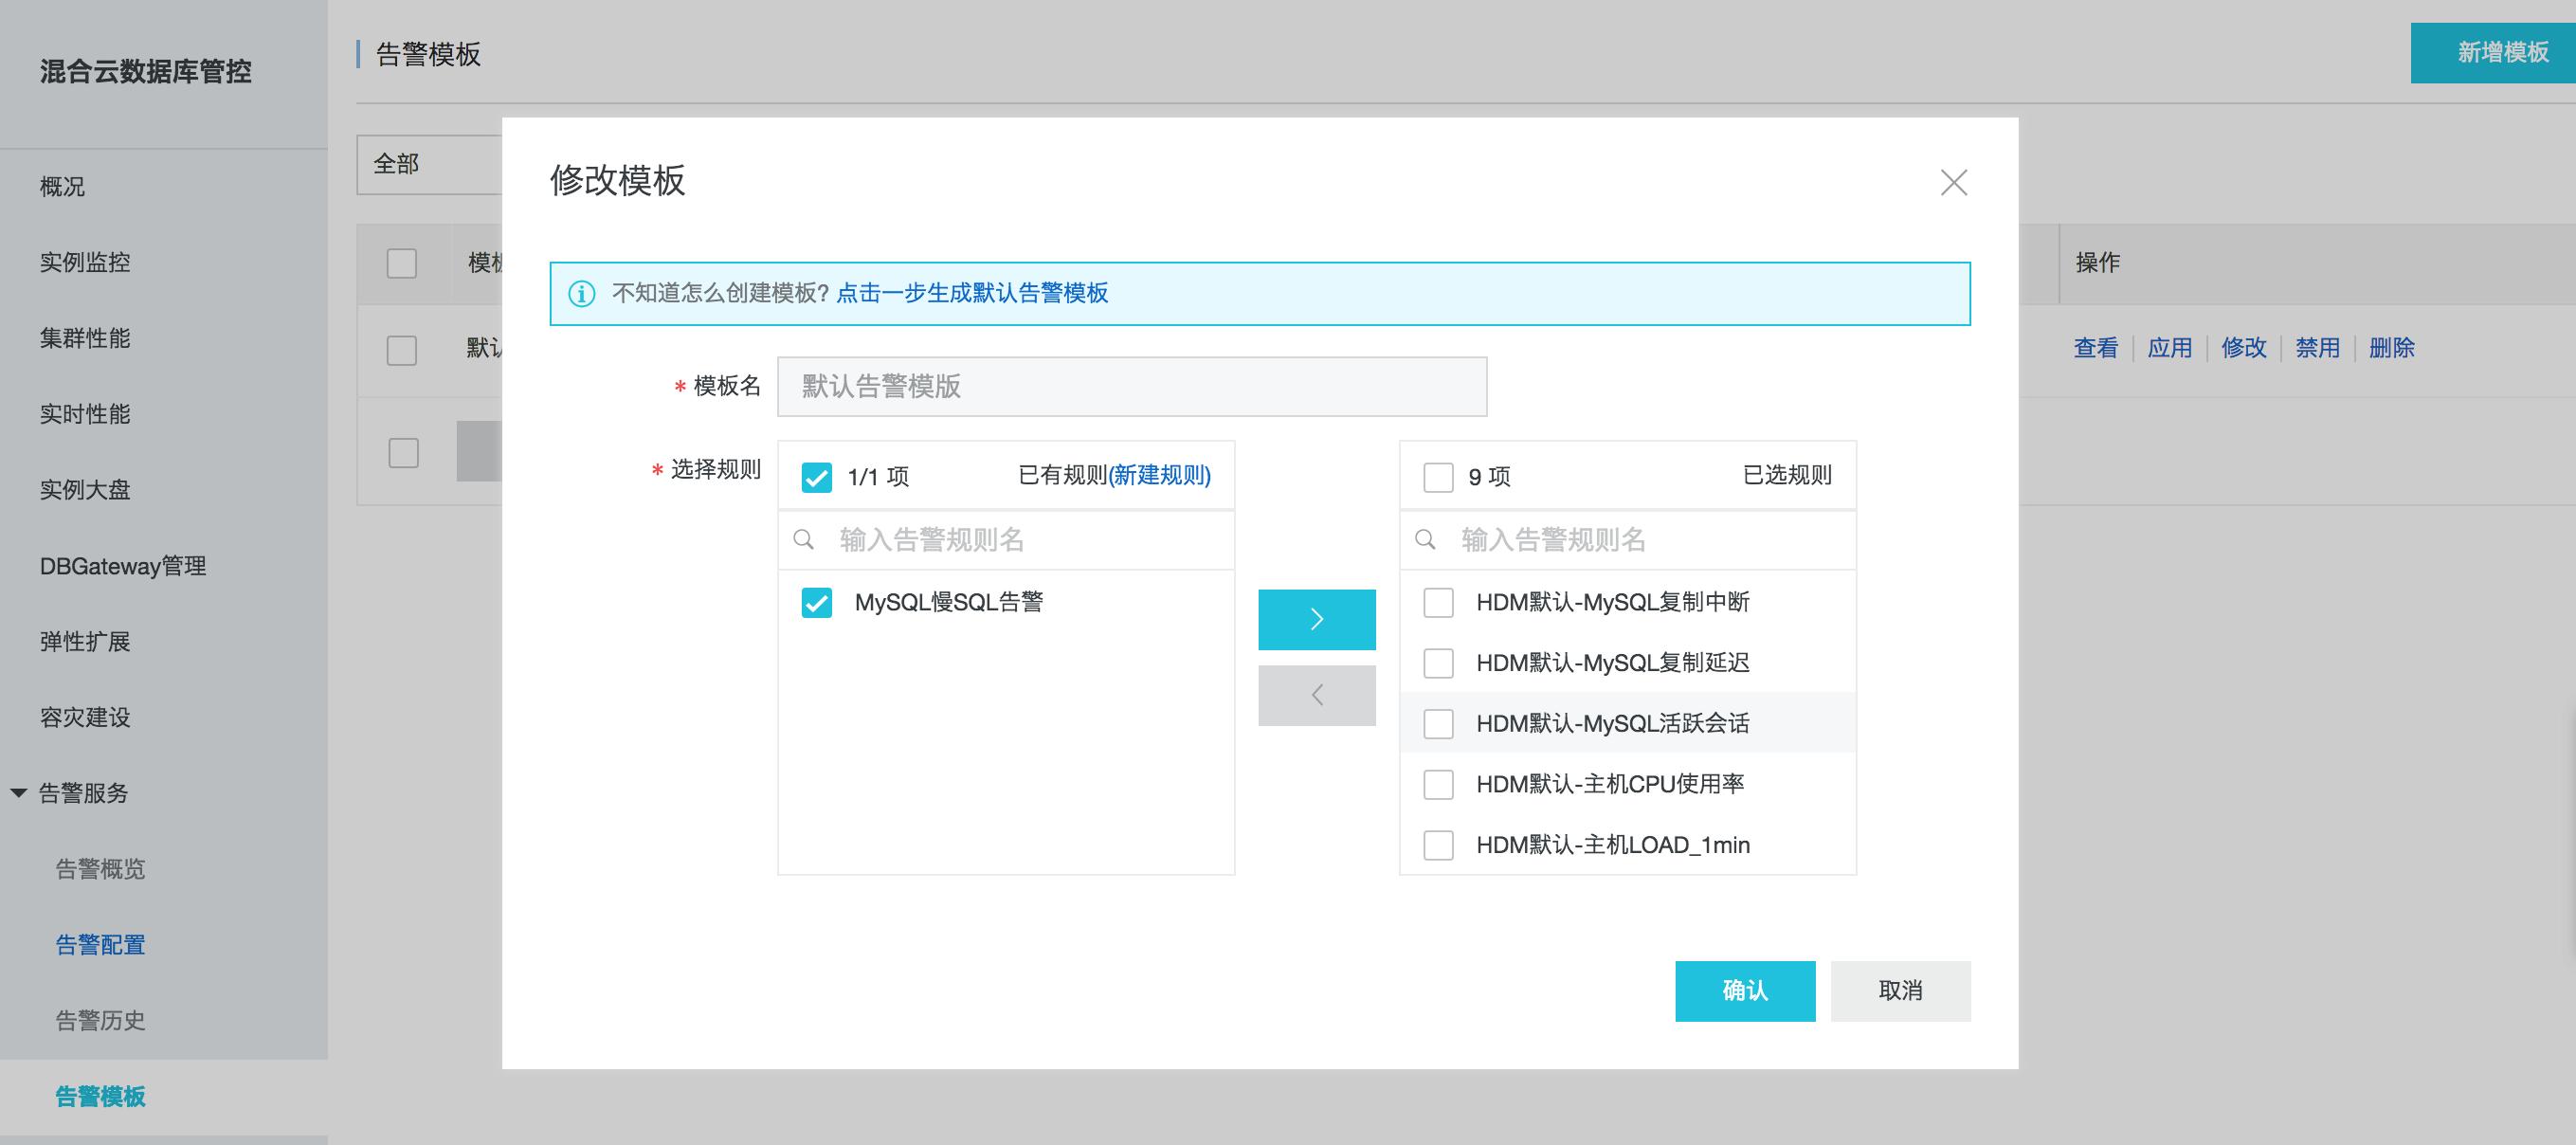 HDM_user_manual_153